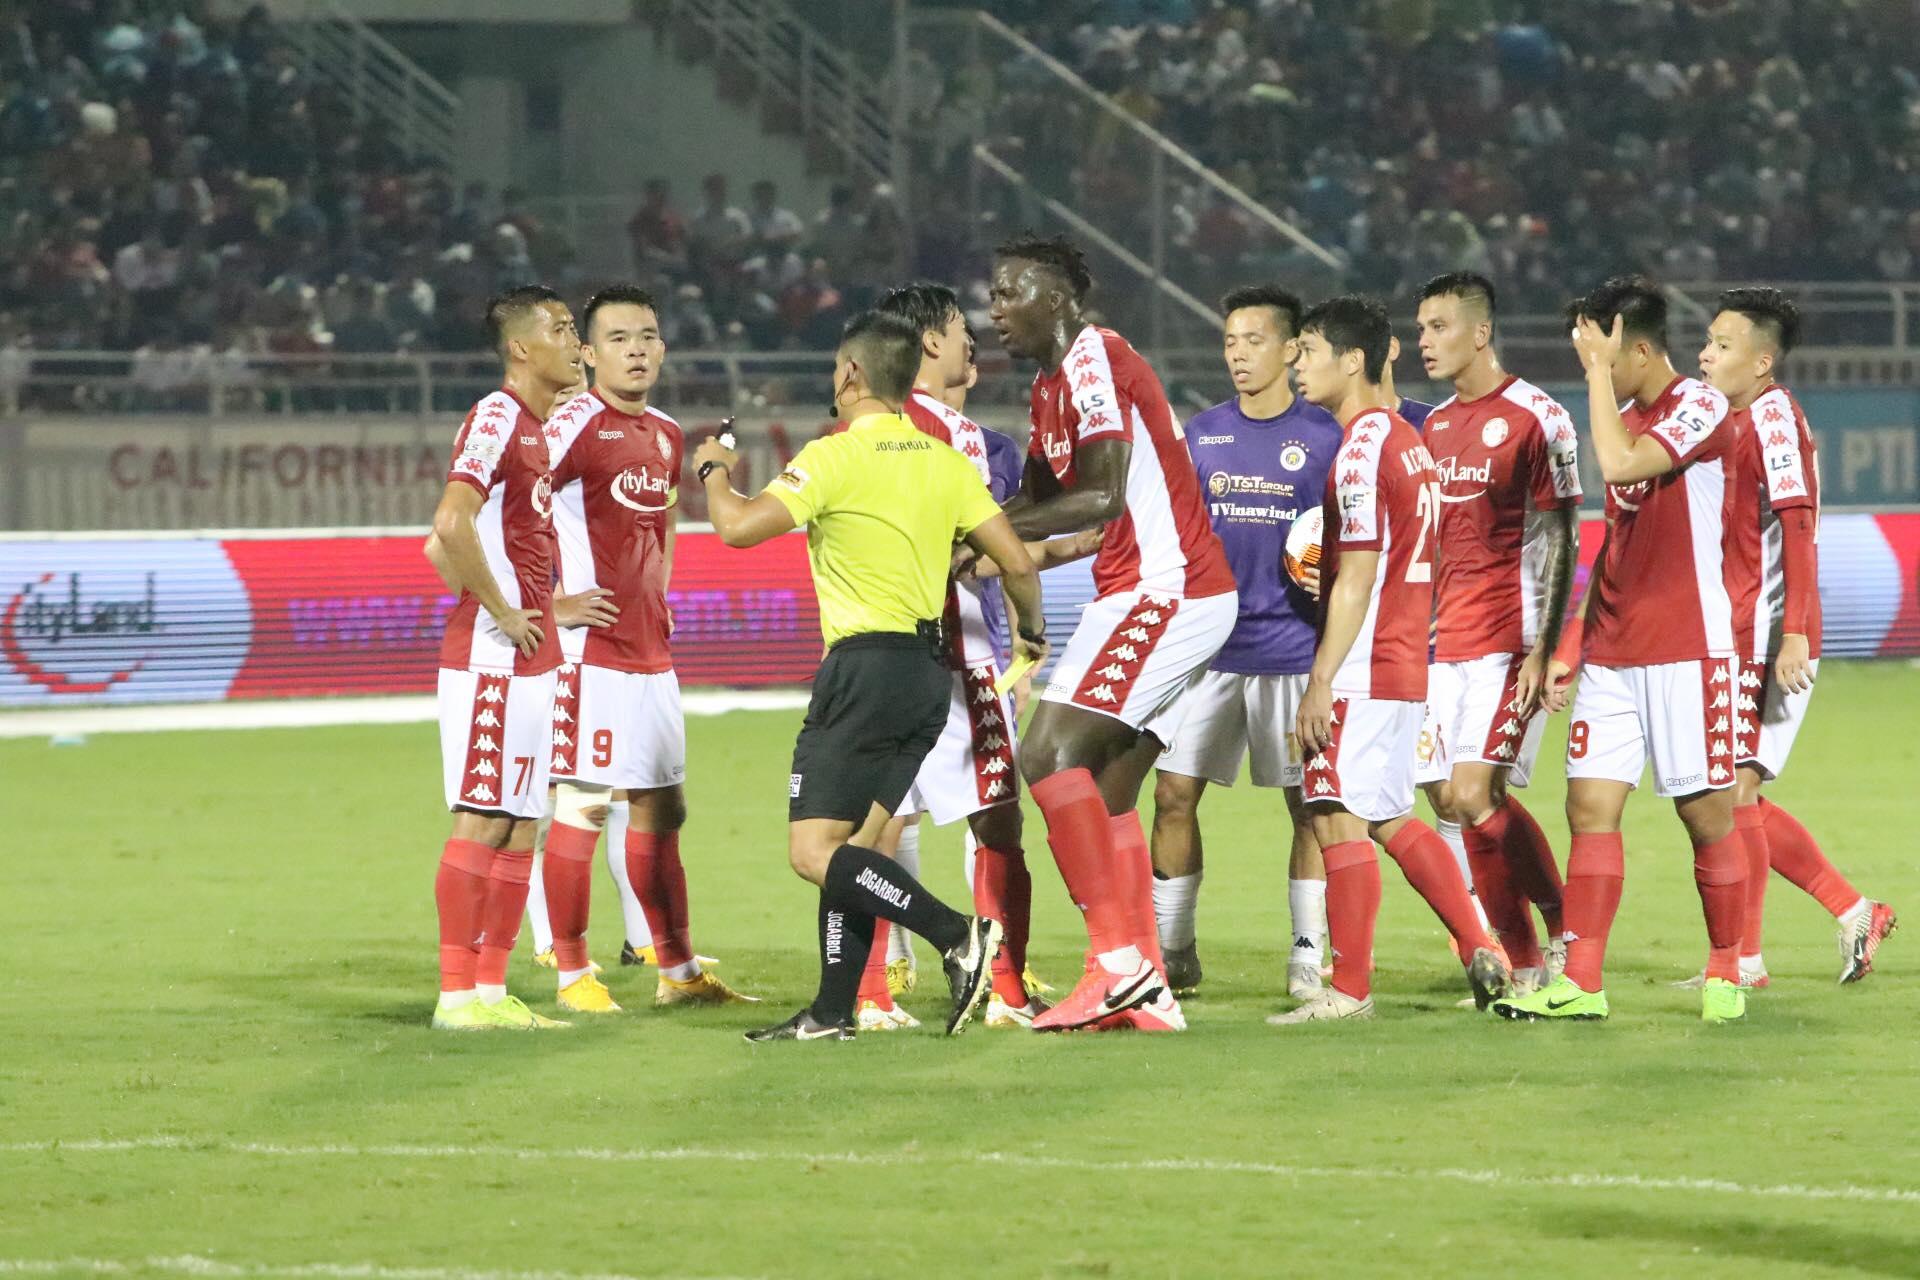 Trọng tài Văn Trọng 2 lần từ chối thổi phạt penalty cho TP.HCM trong hiệp 1 - Ảnh: Hữu Thành